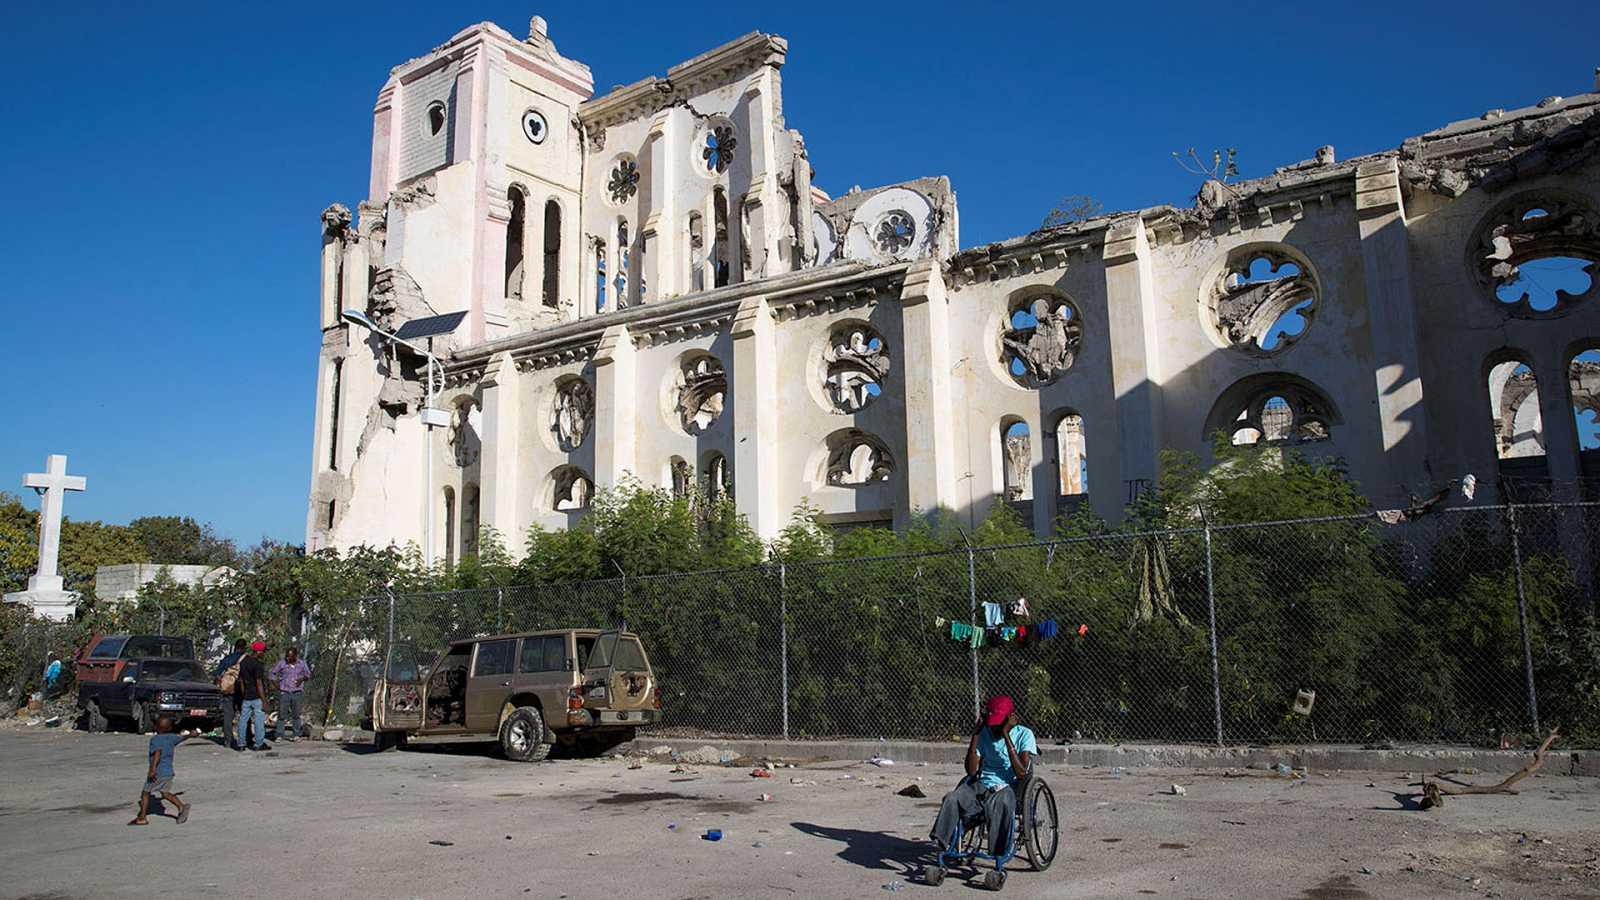 Mundo solidario - Haití, diez años después - 19/01/20 - escuchar ahora